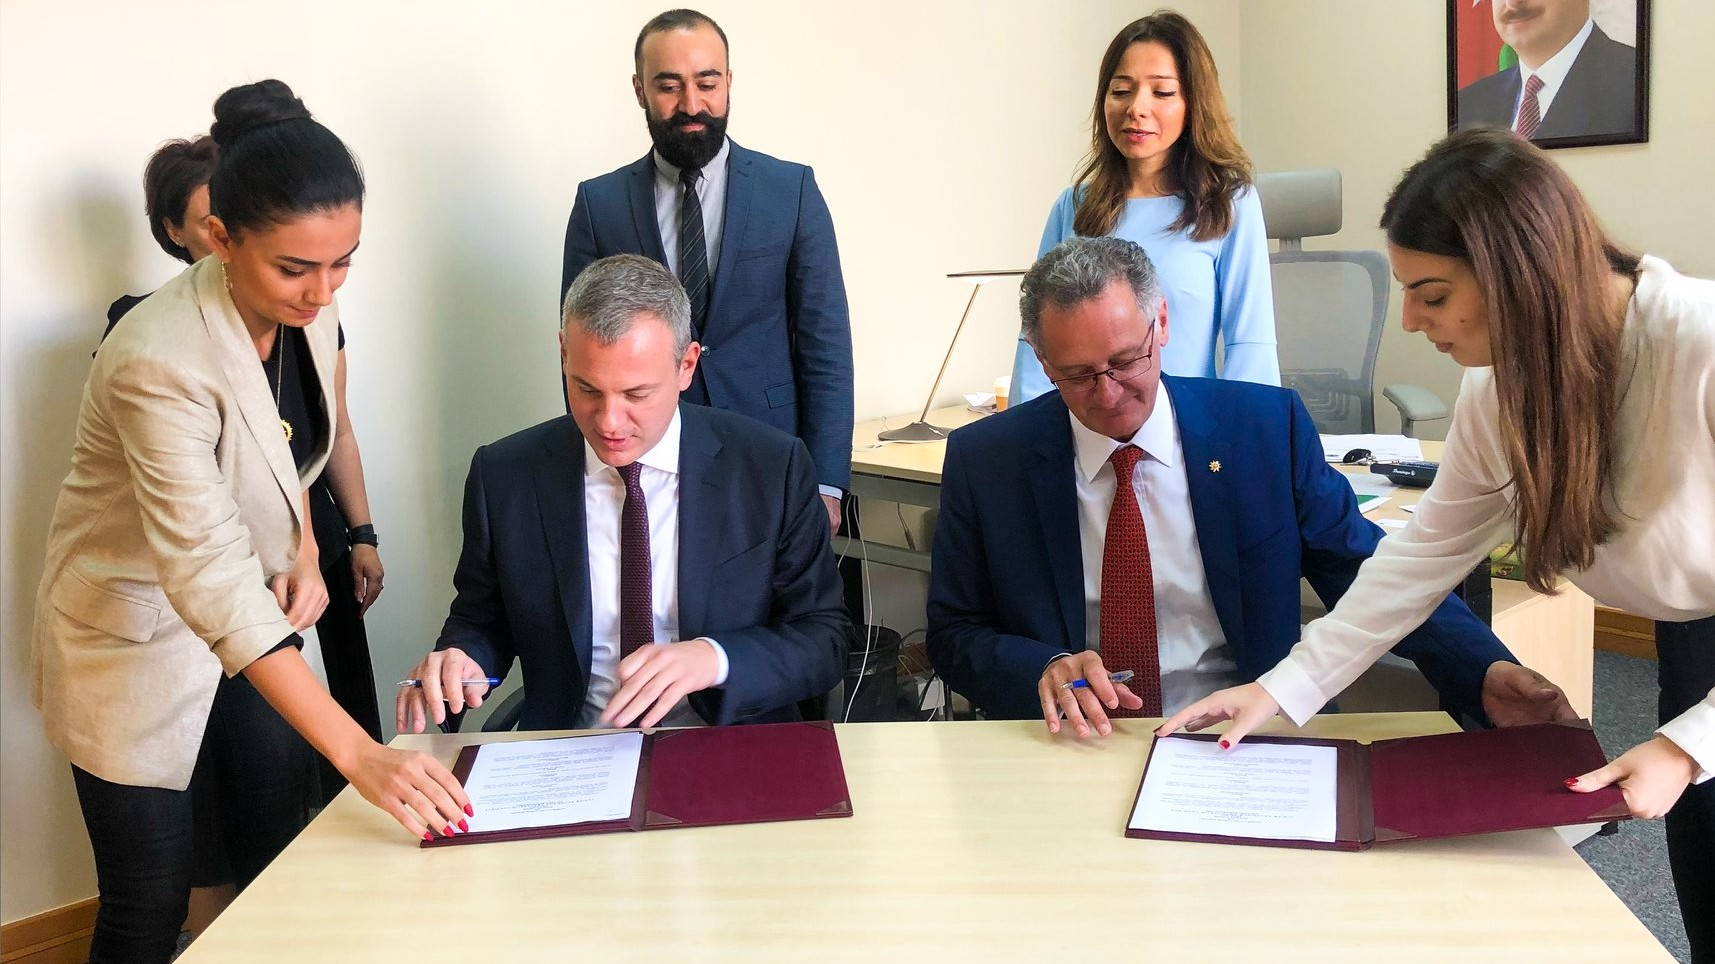 Azərbaycan Turizm Bürosu və İsveçrə Turizm təşkilatı arasında memorandum imzalanıb